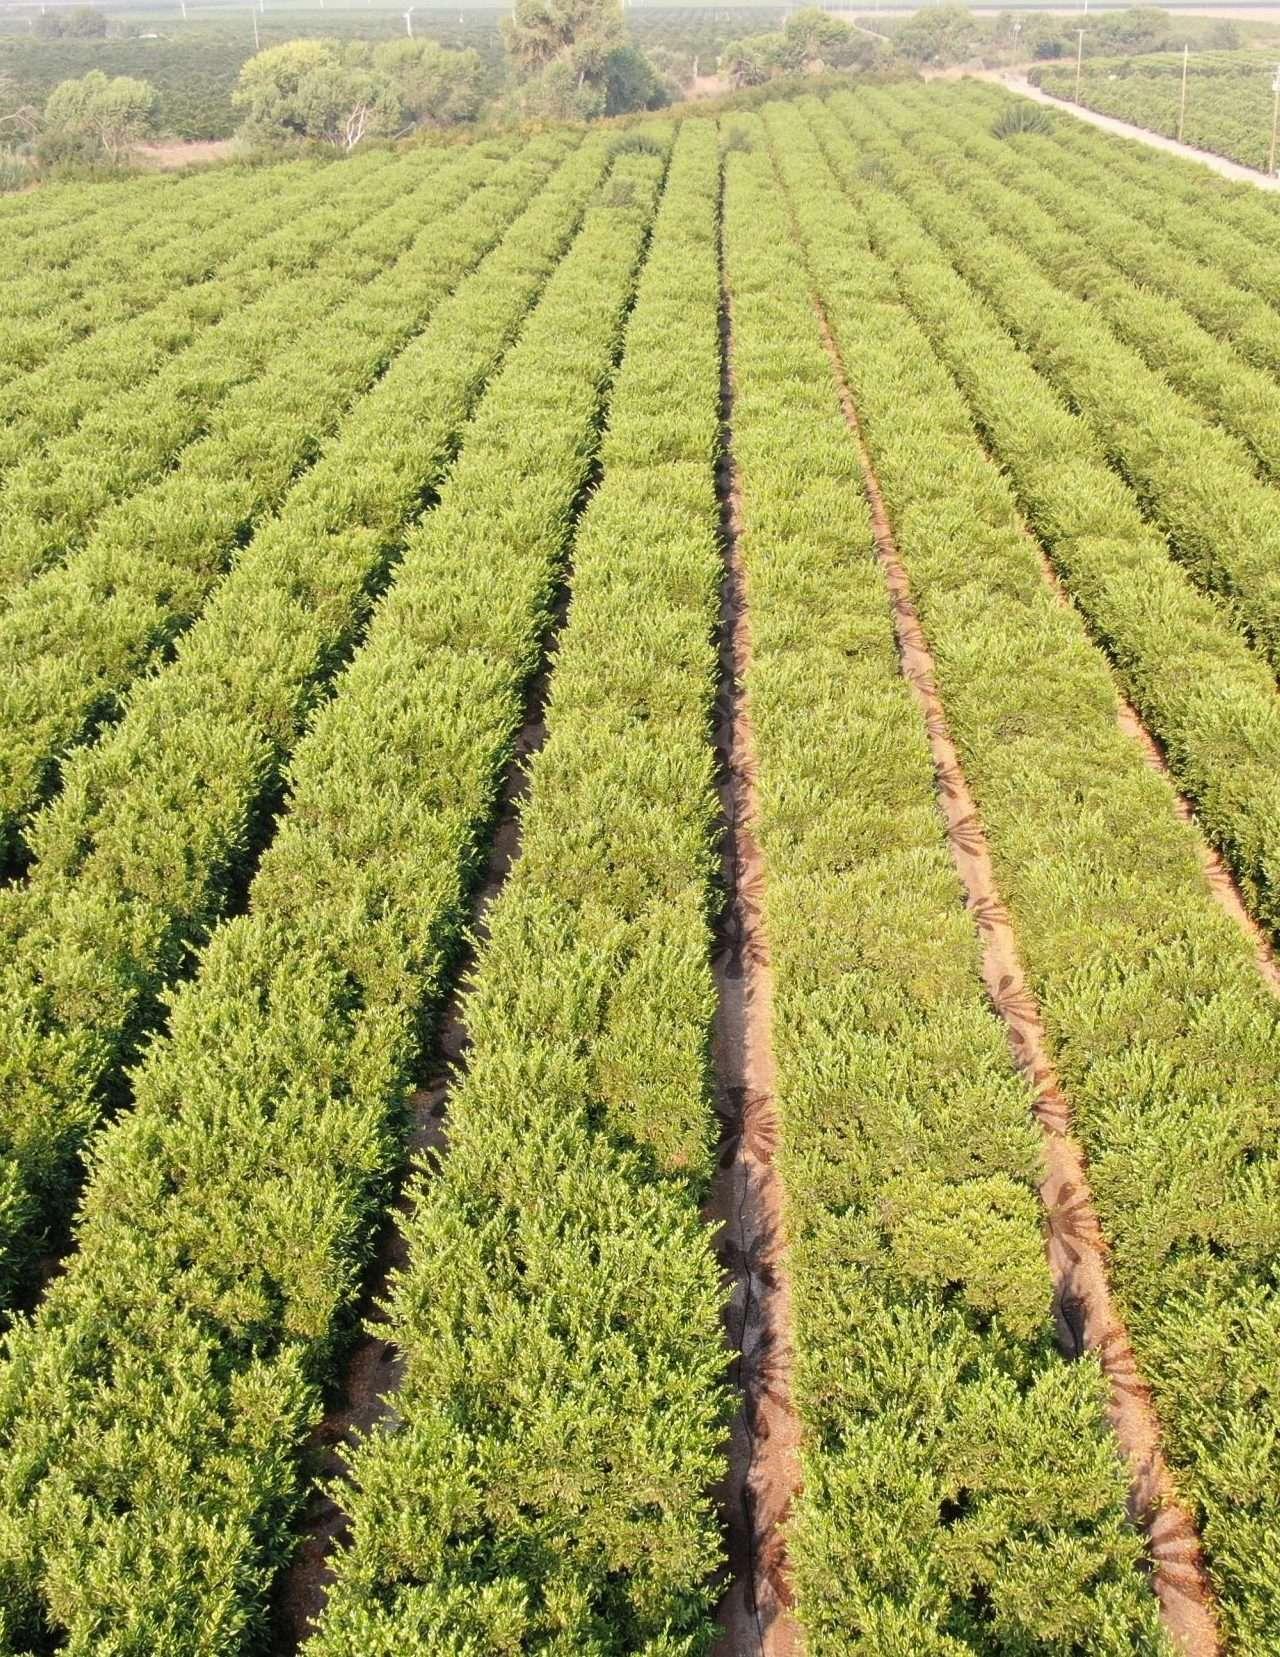 29.9 Acres Satsuma Mandarins, Ivanhoe, CA